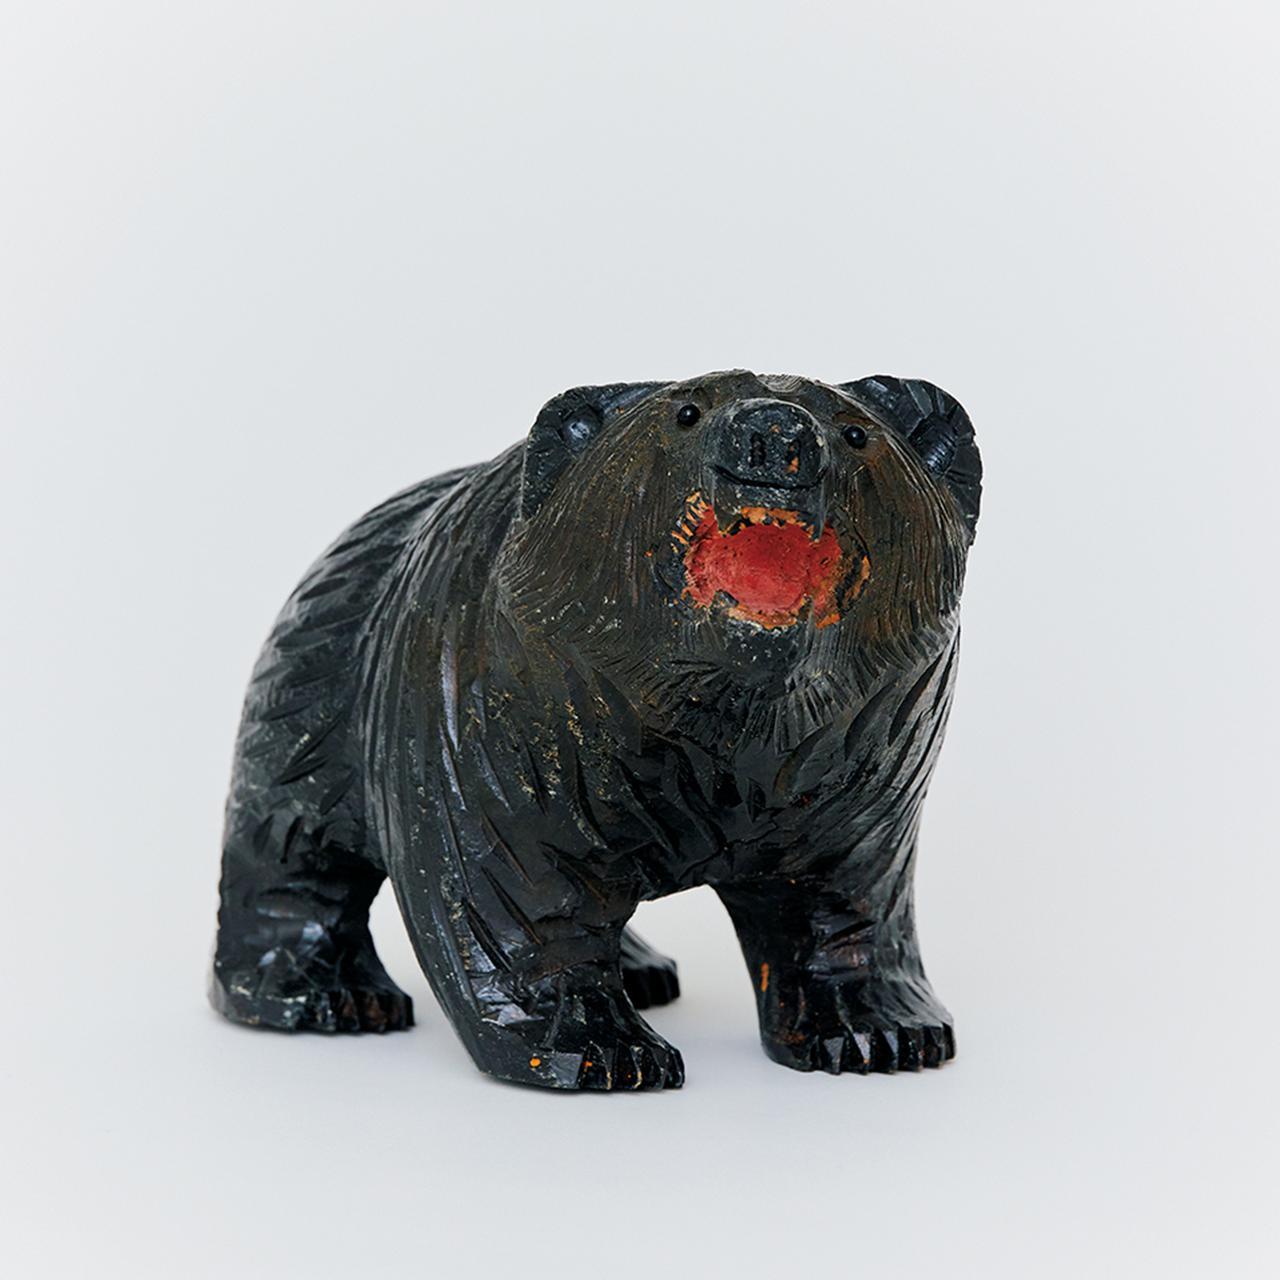 Images : 2番目の画像 - 「連載 Vol.10 コレクションは持ち主を語る。 編集者、安藤夏樹の木彫り熊」のアルバム - T JAPAN:The New York Times Style Magazine 公式サイト